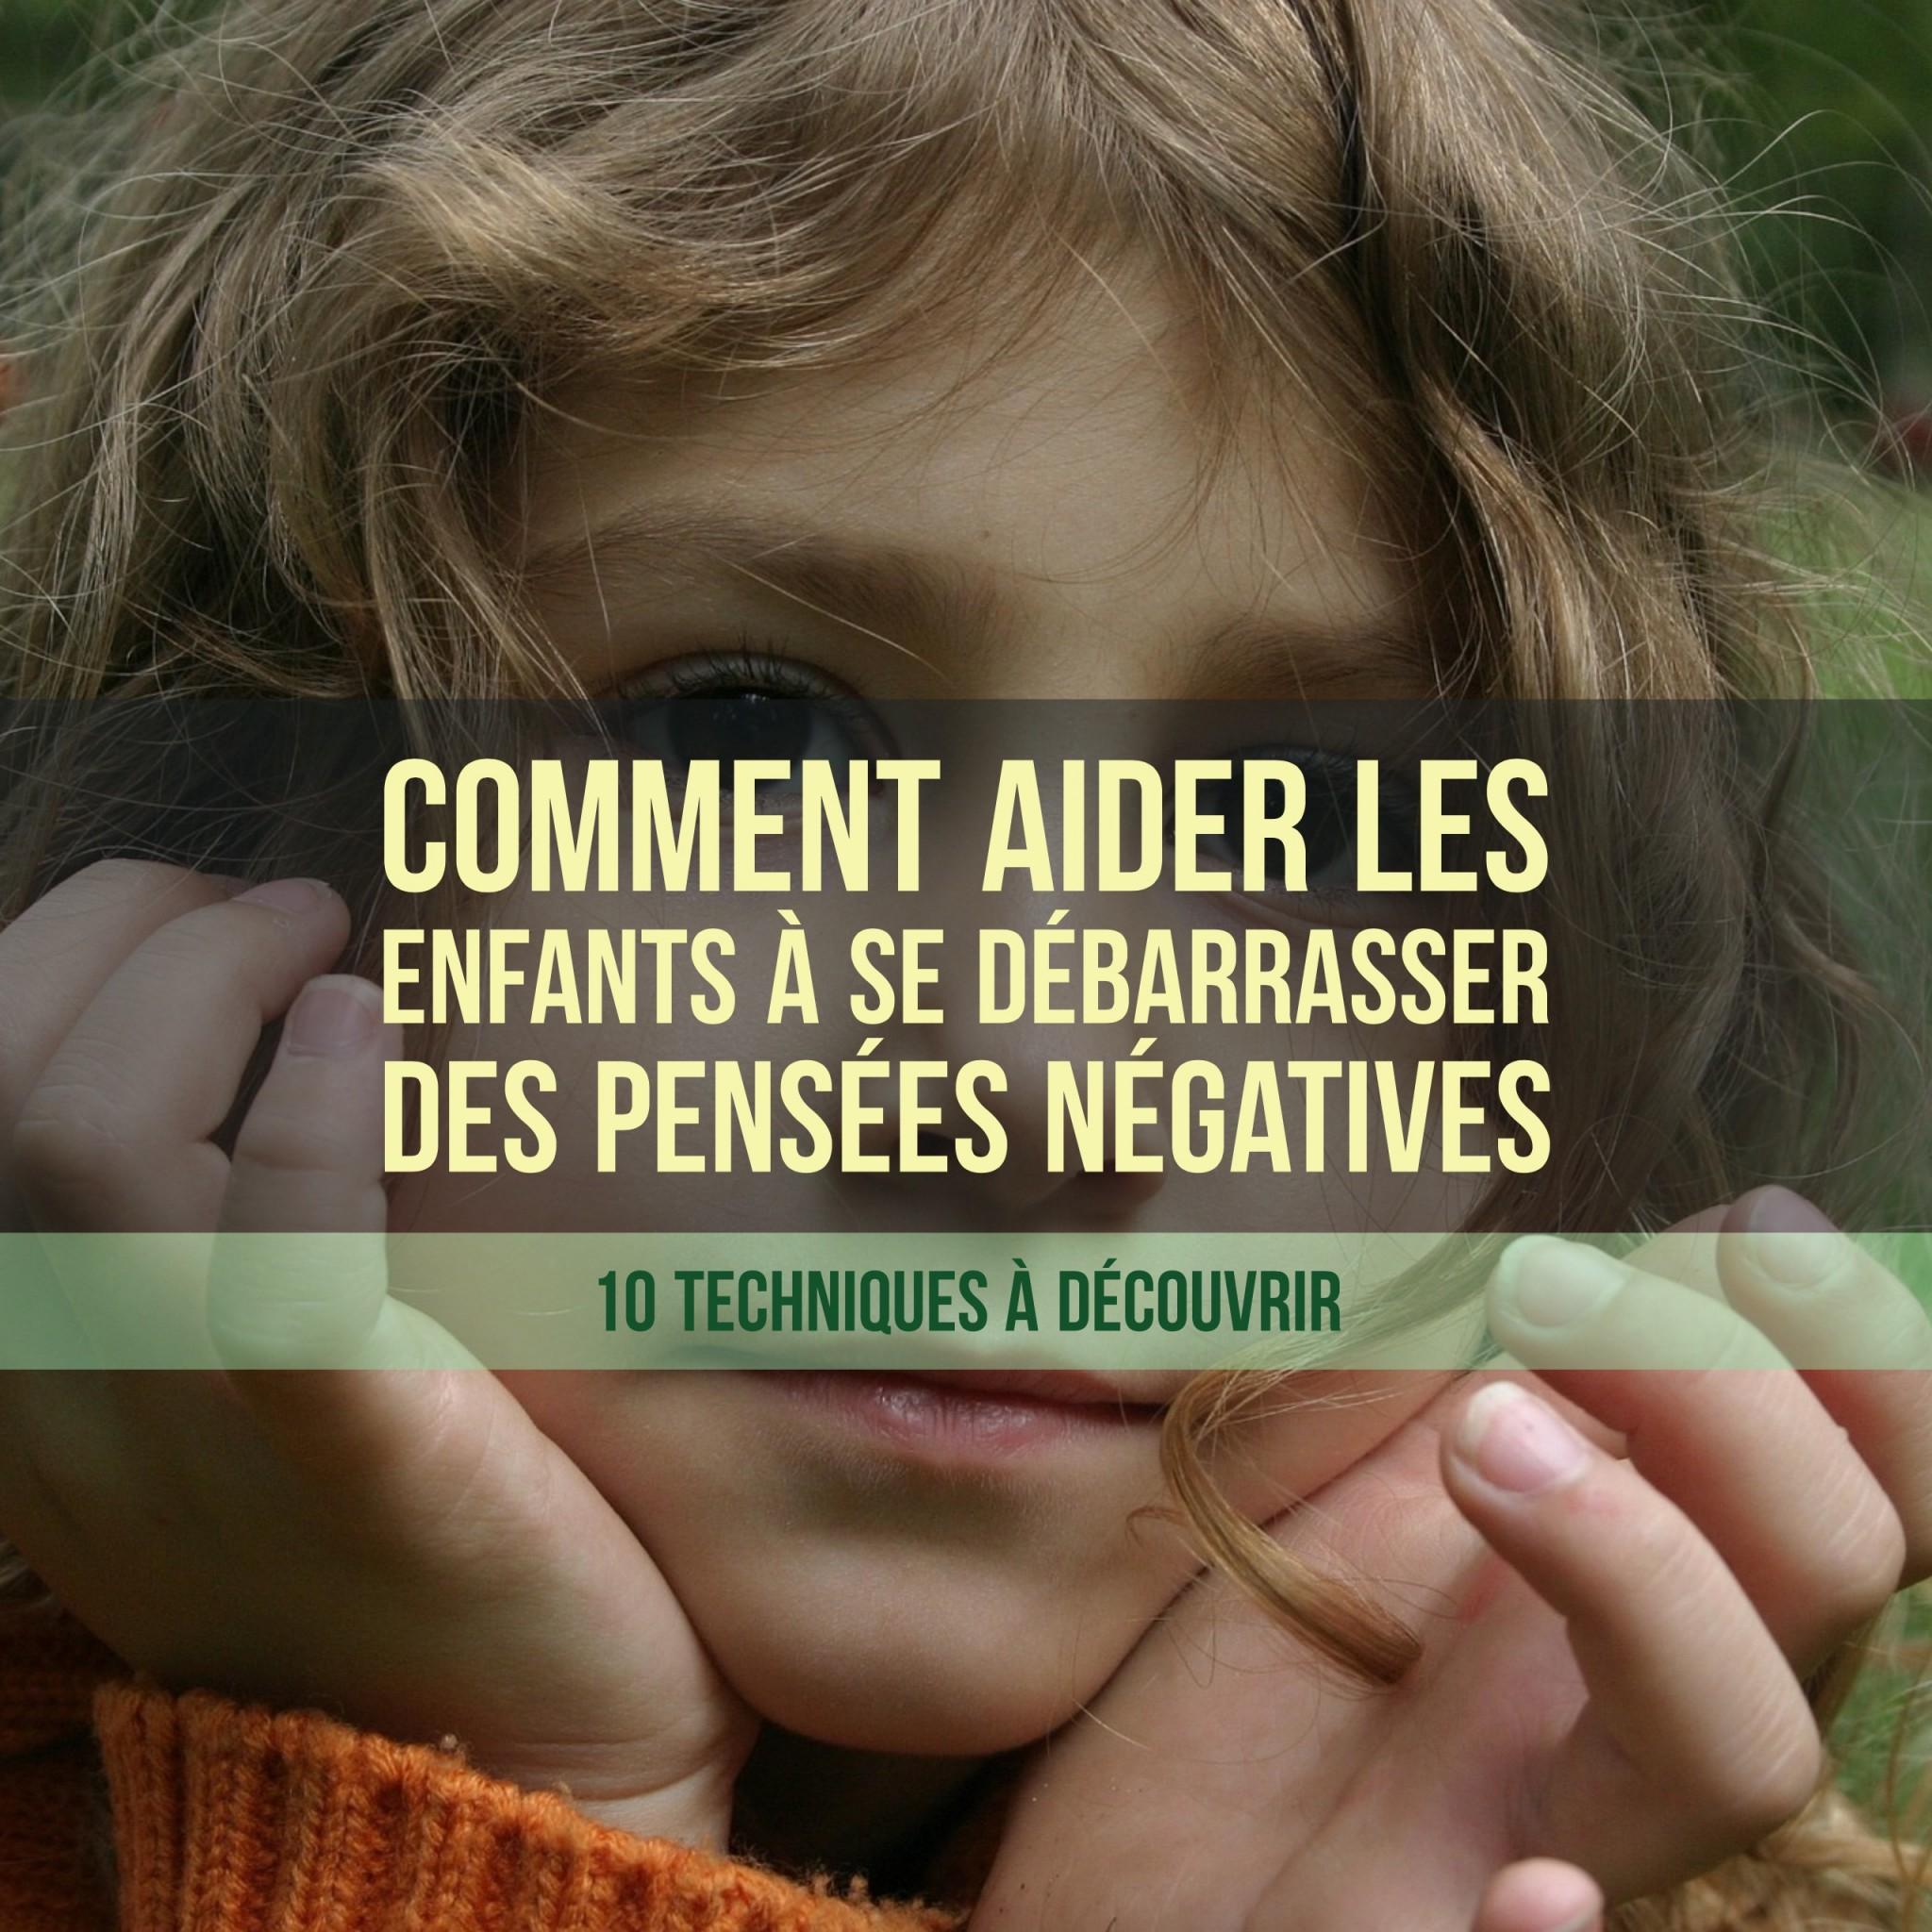 Comment-aider-les-enfants-à-se-débarrasser-des-pensées-négatives